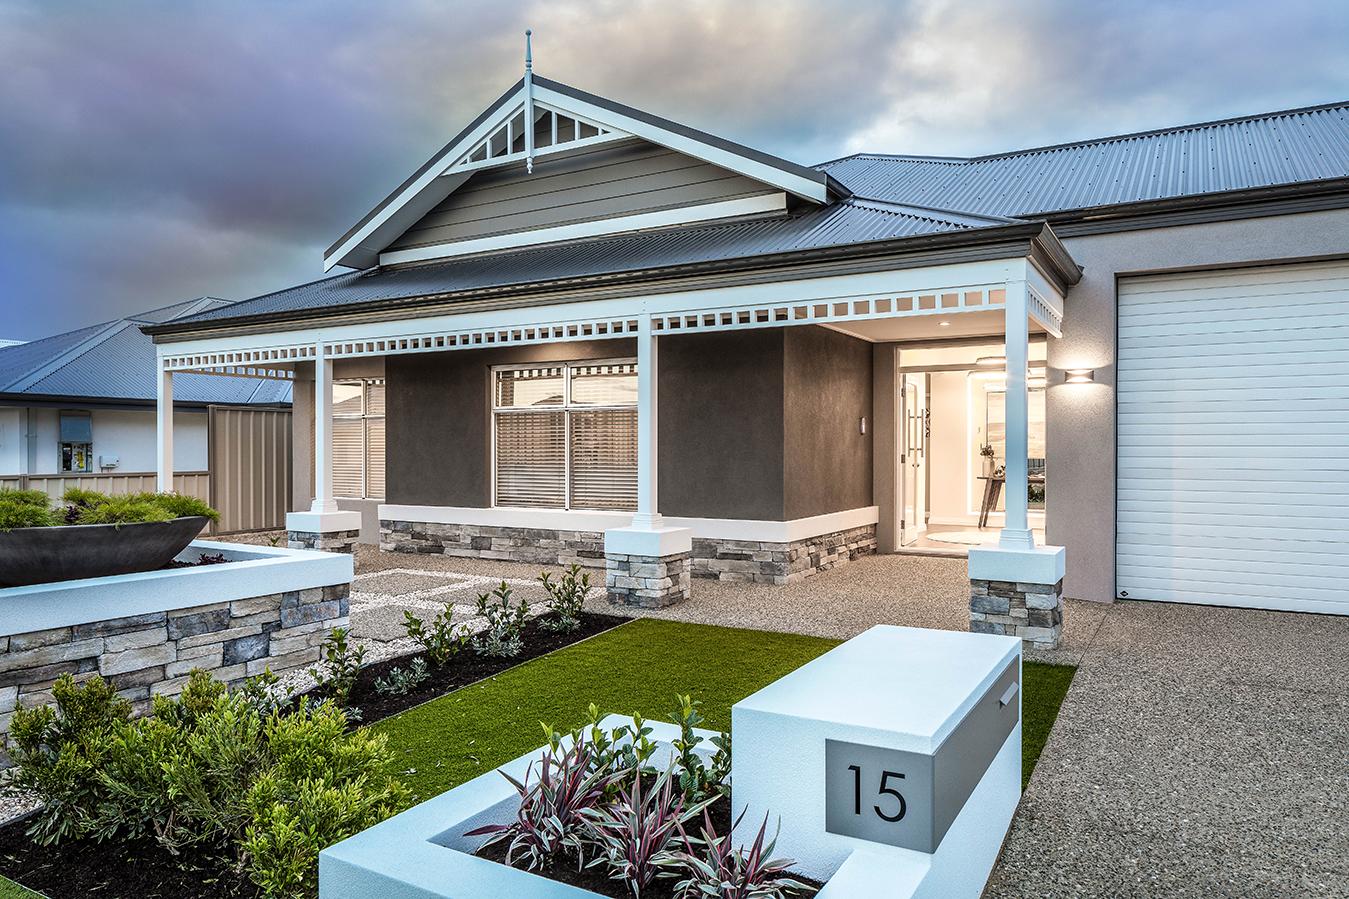 Perth Home Builders | Shelford Quality Homes